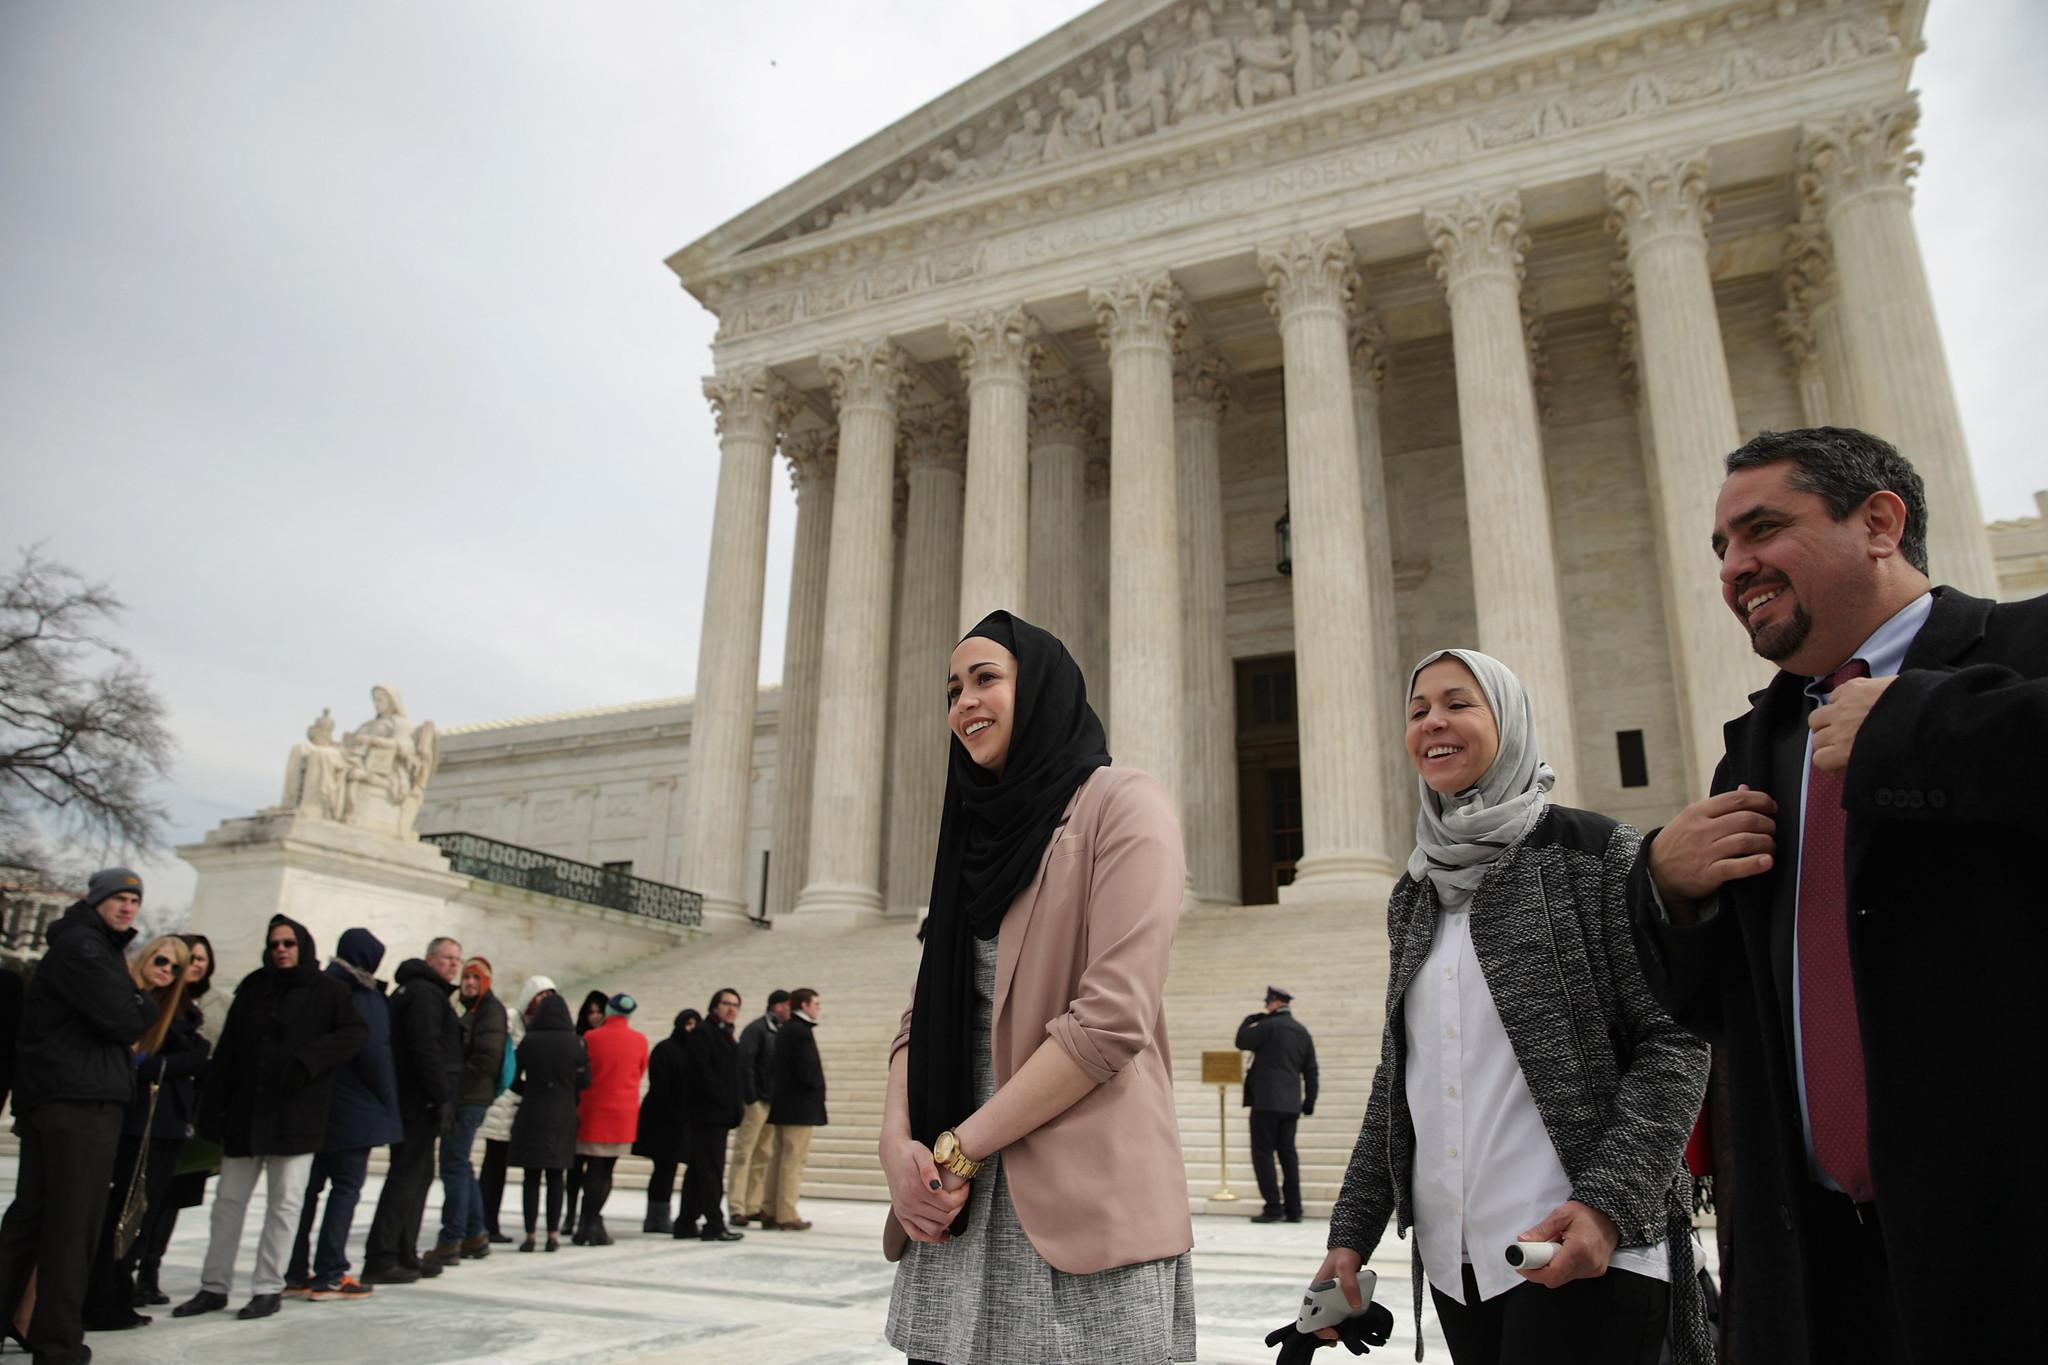 What causes religious discrimination